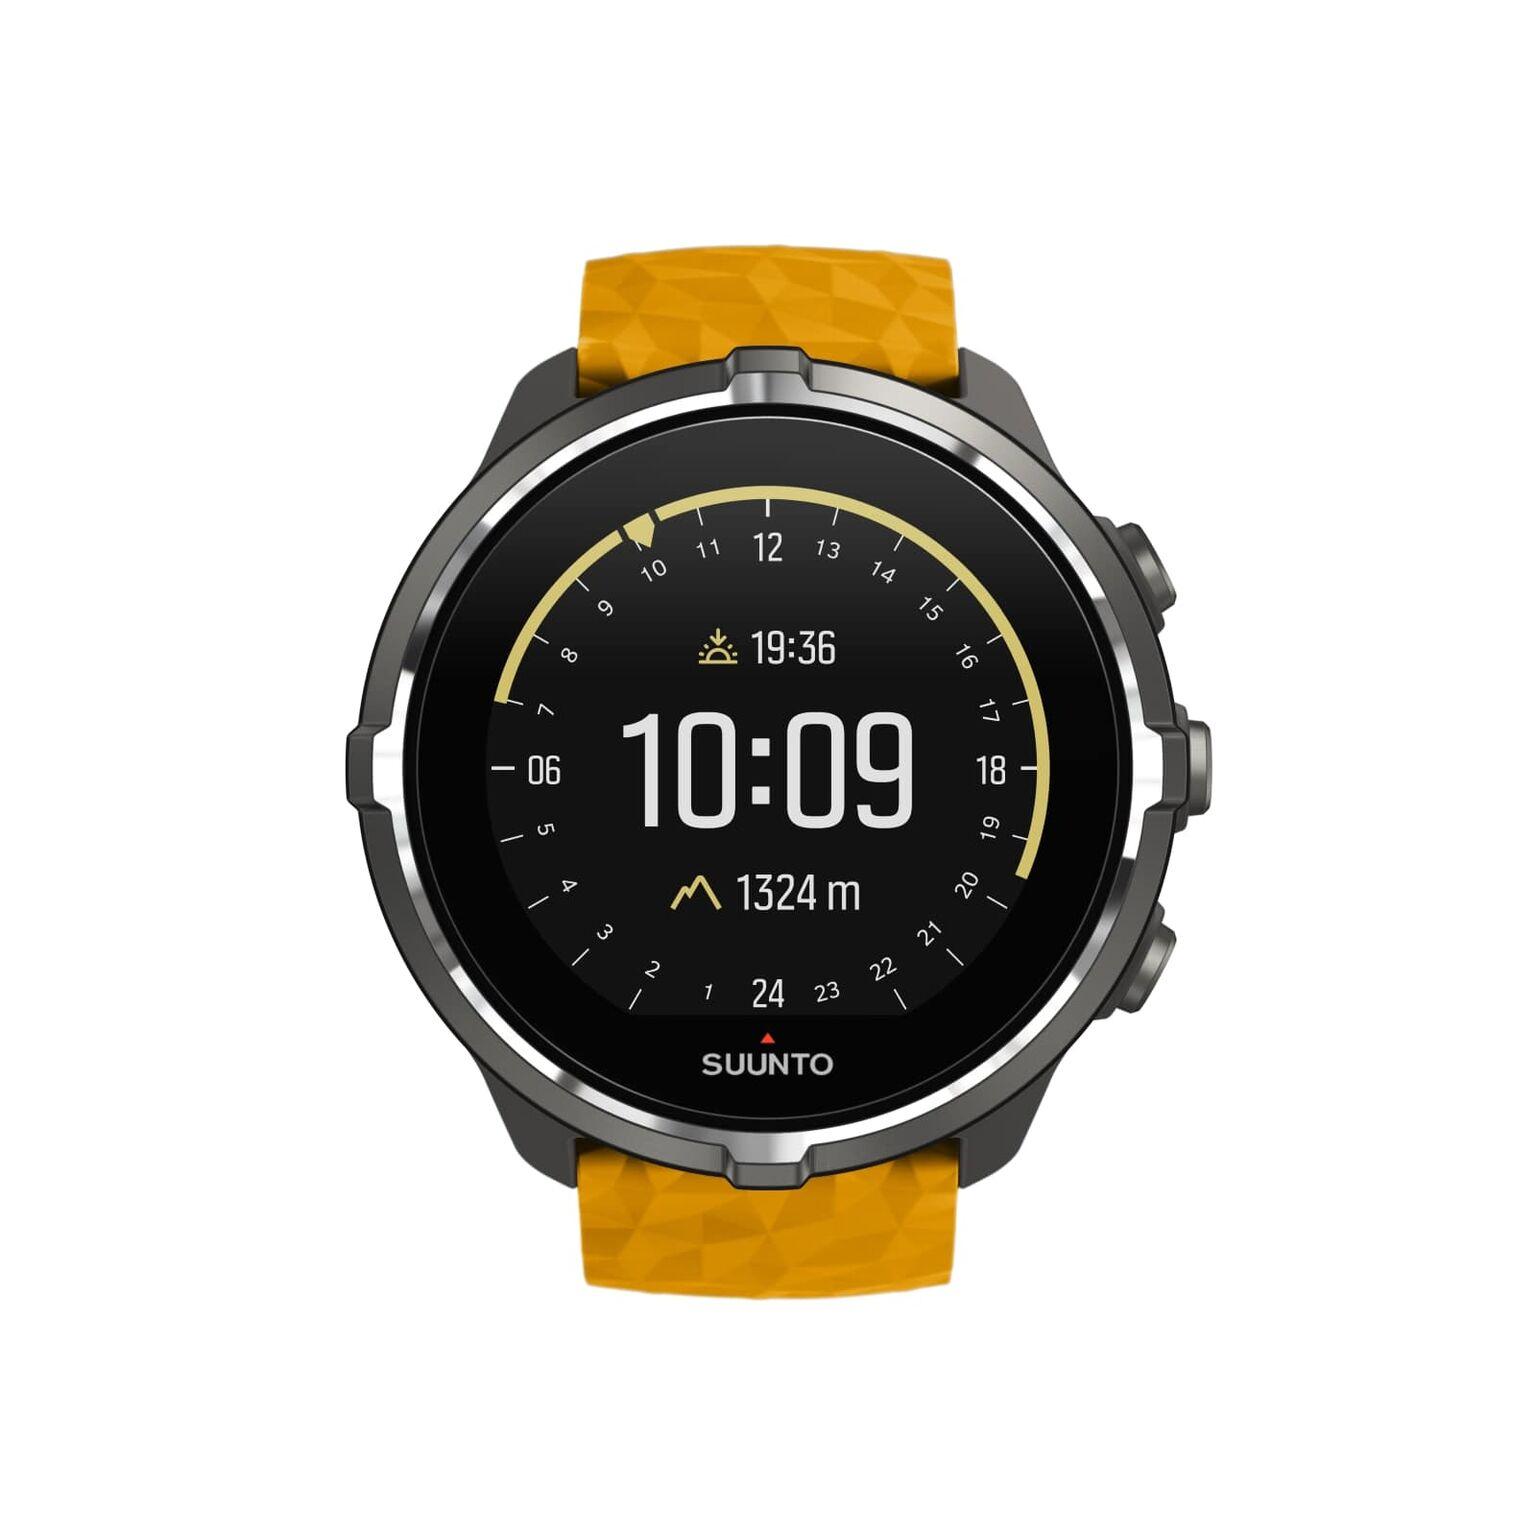 שעון סונטו עם דופק מהיד Suunto Spartan Baro  בשני צבעים לבחירה - משלוח חינם - תמונה 2